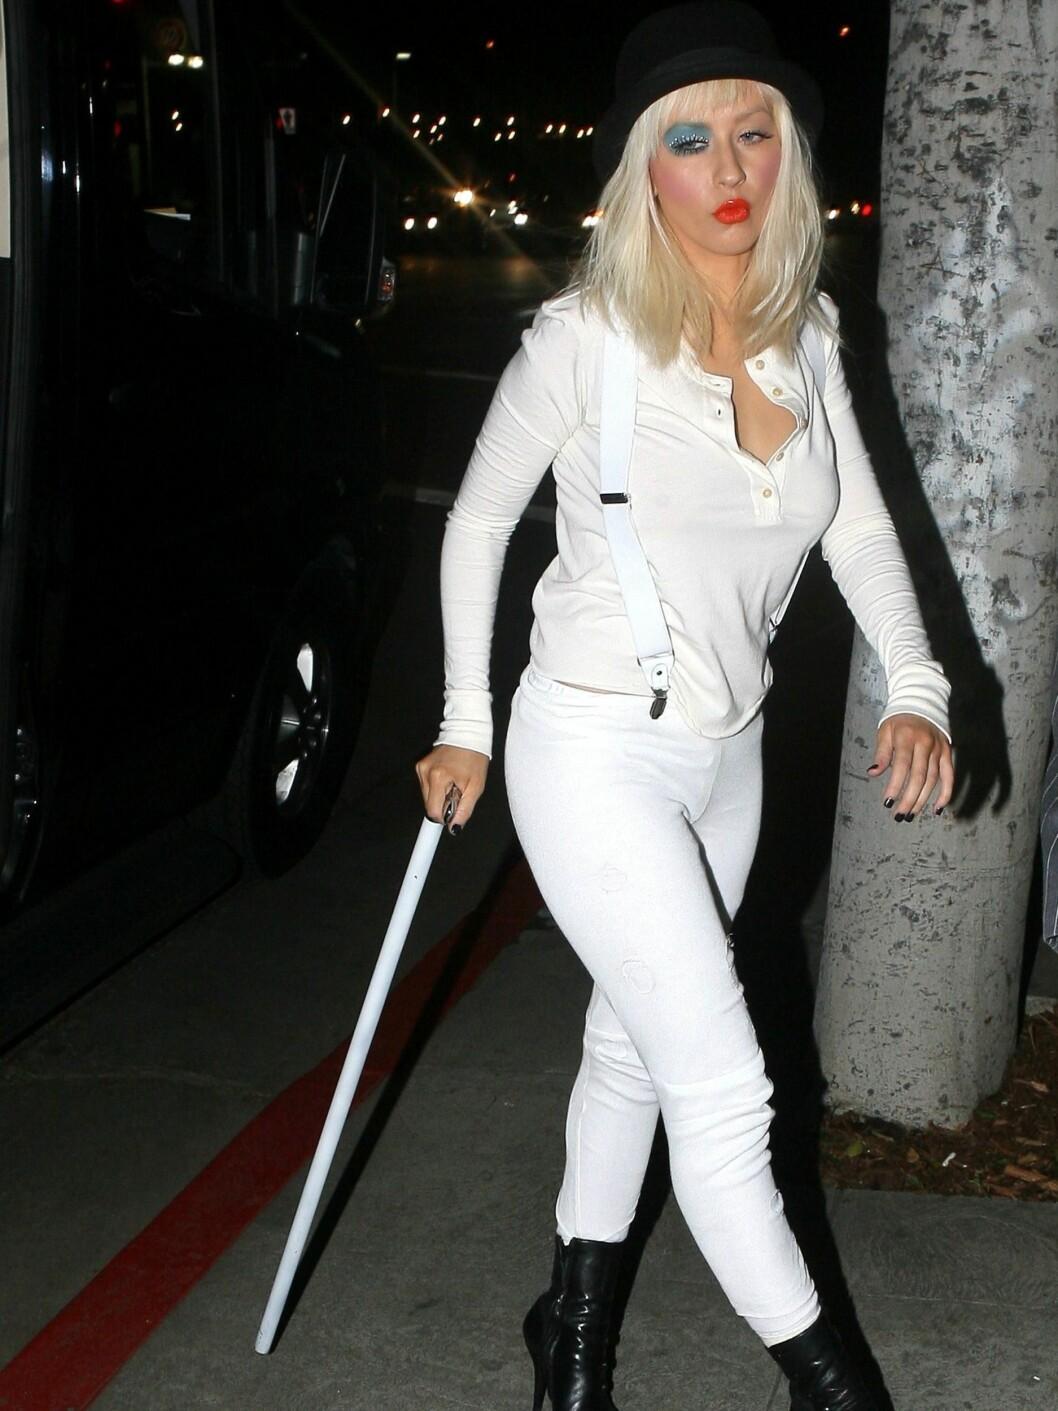 Utkledt til sin egen bursdag i 2008. Har Lady Gaga latt seg inspirere her? Foto: All Over Press